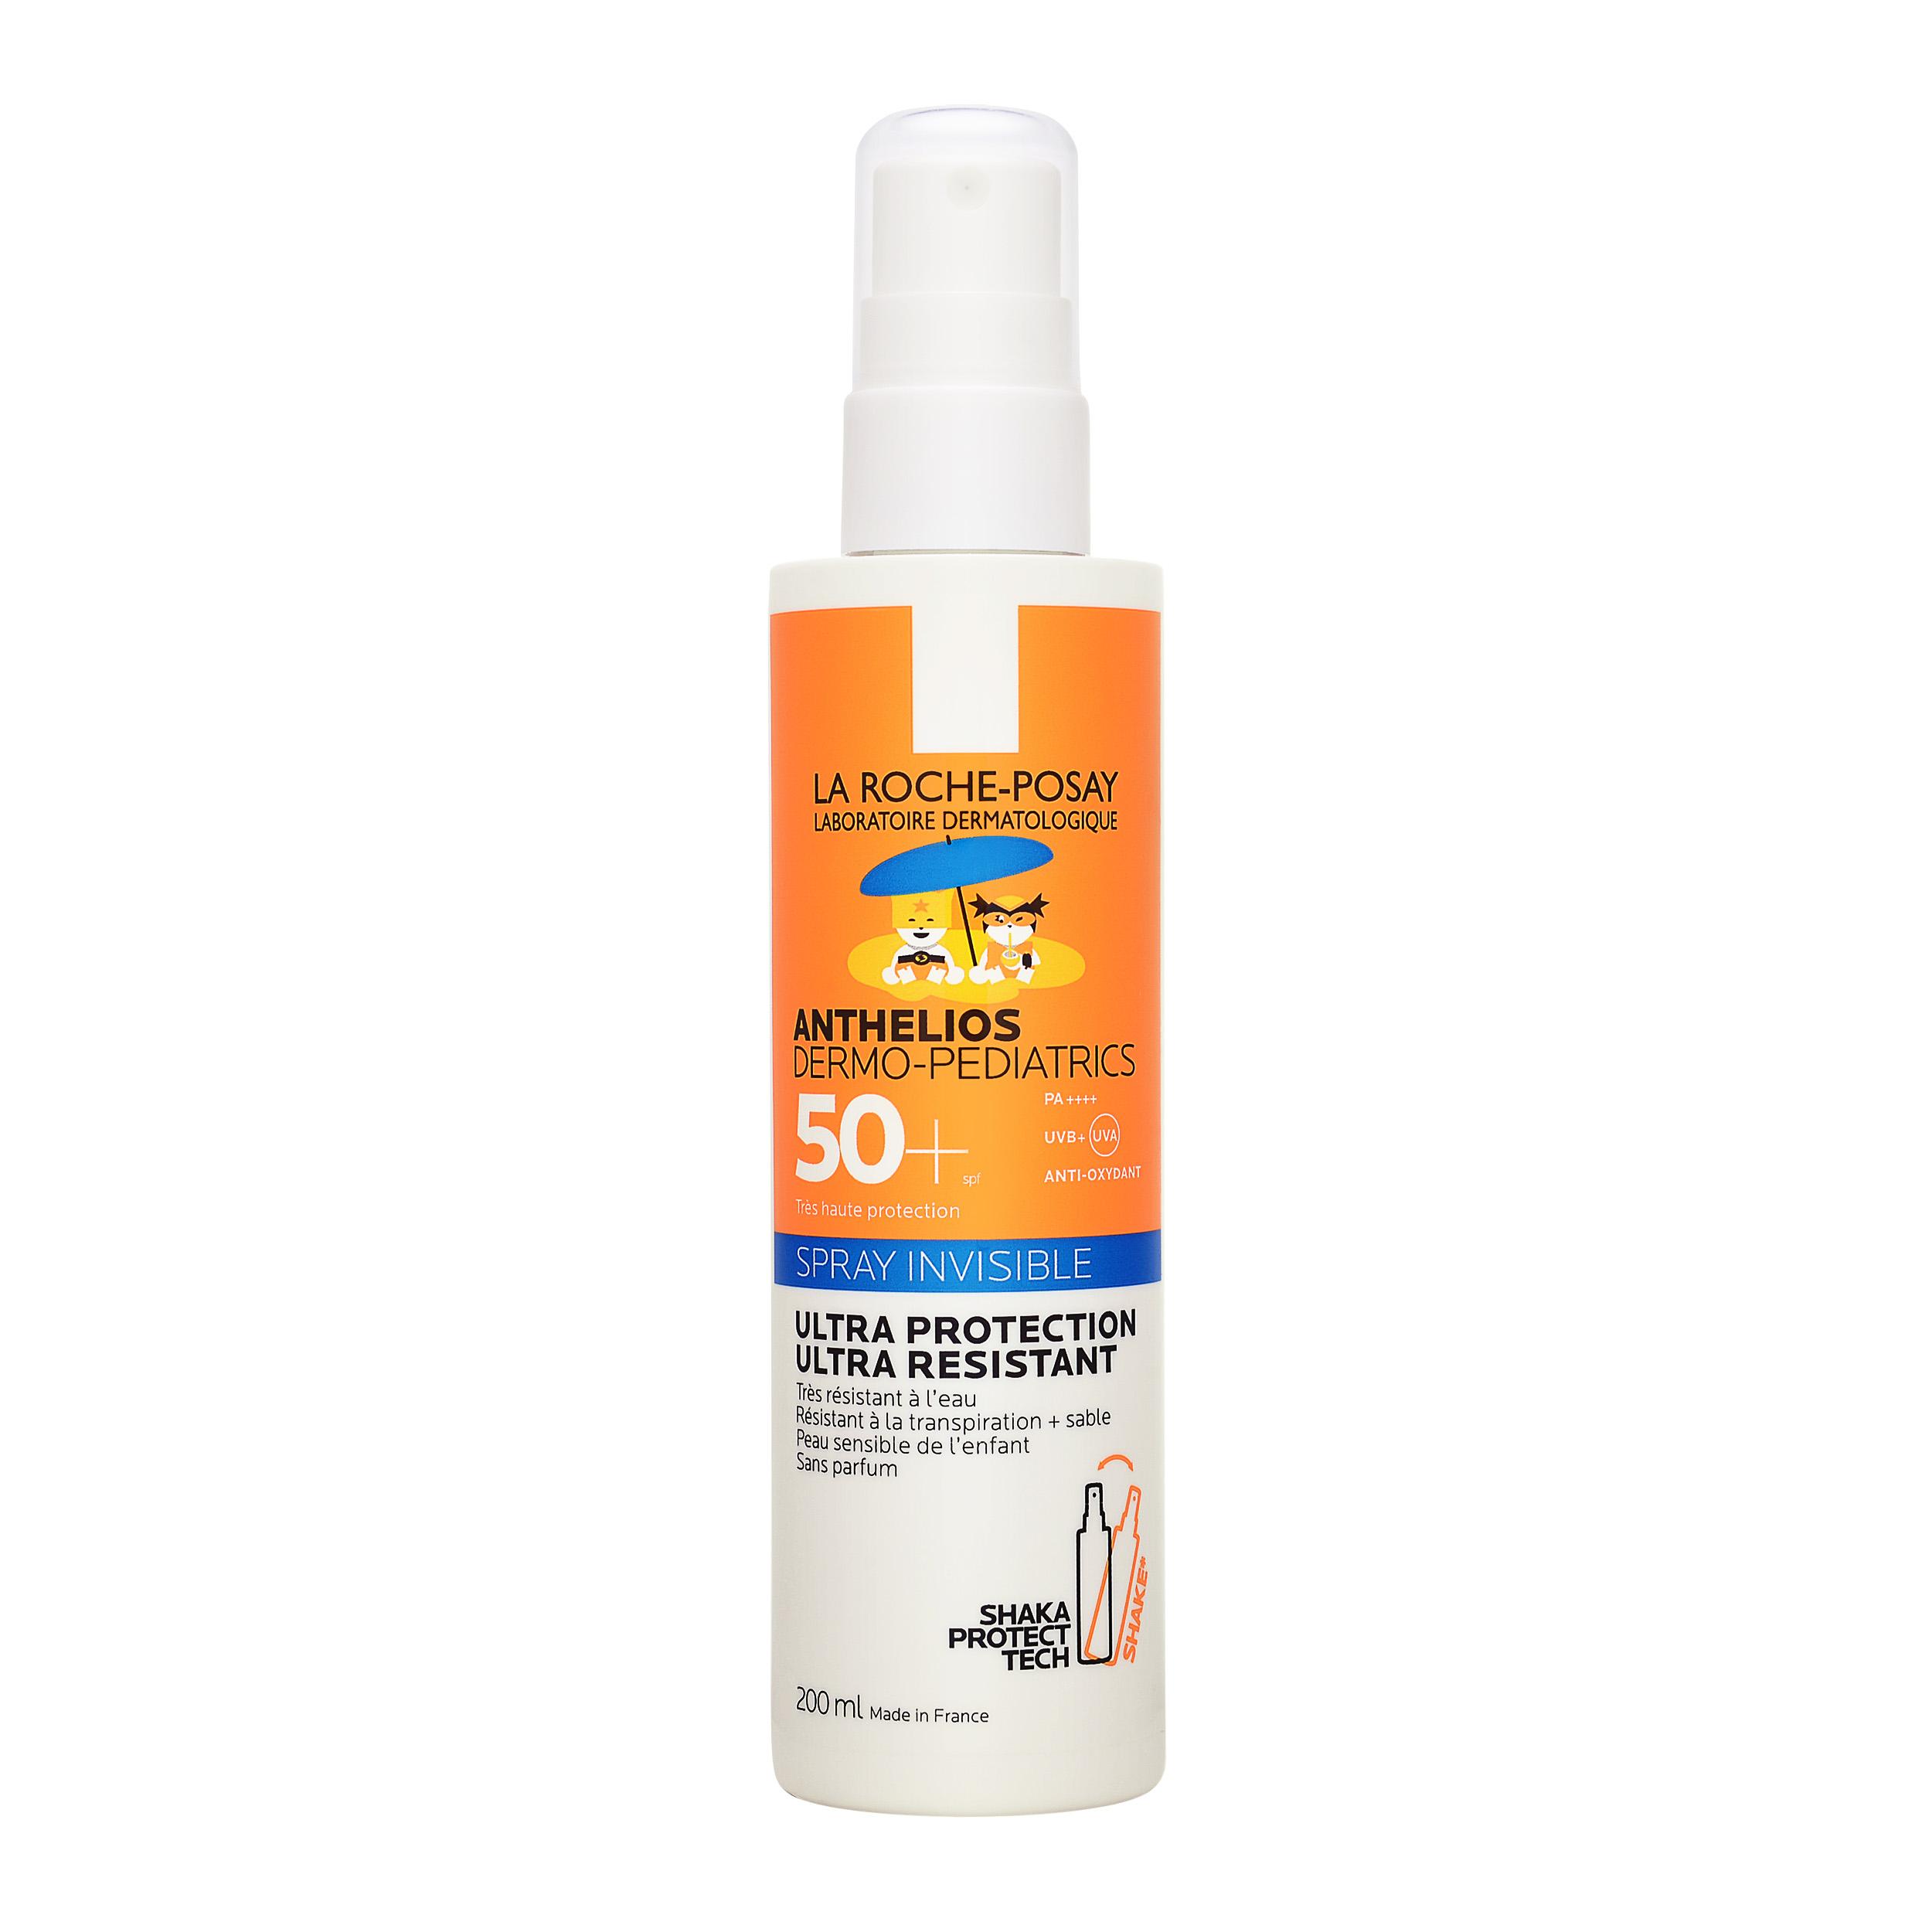 La Roche-Posay Anthelios Dermo-Pediatrics SPF 50+ Multi-Position Spray 200ml,